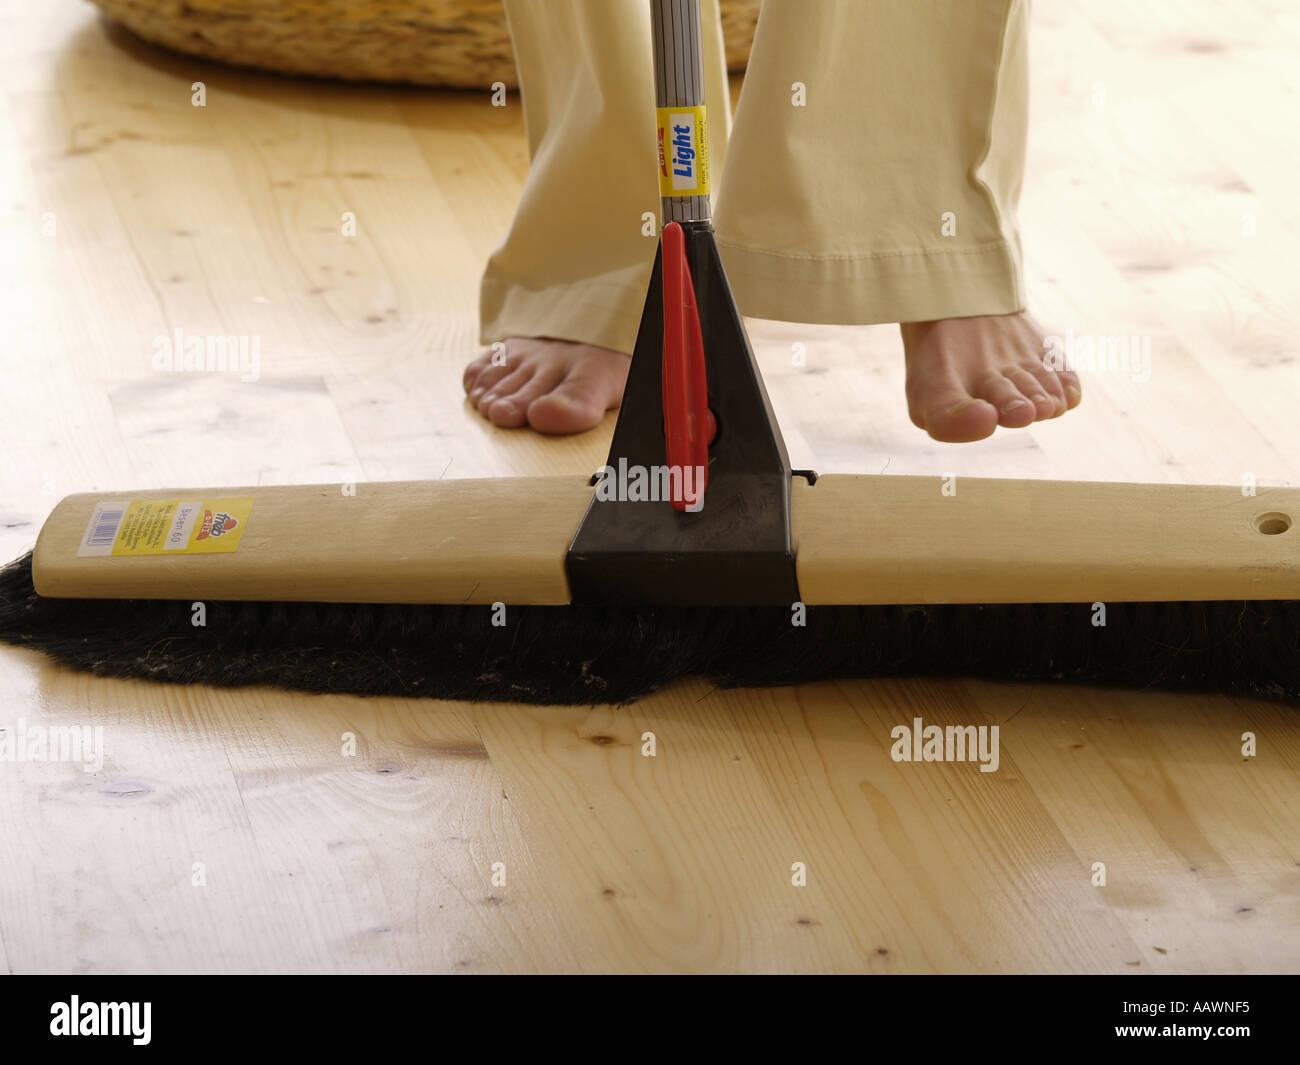 Holzfußboden Reinigen ~ Junge frau teenager füße auf dem holzboden mit einem besen reinigen